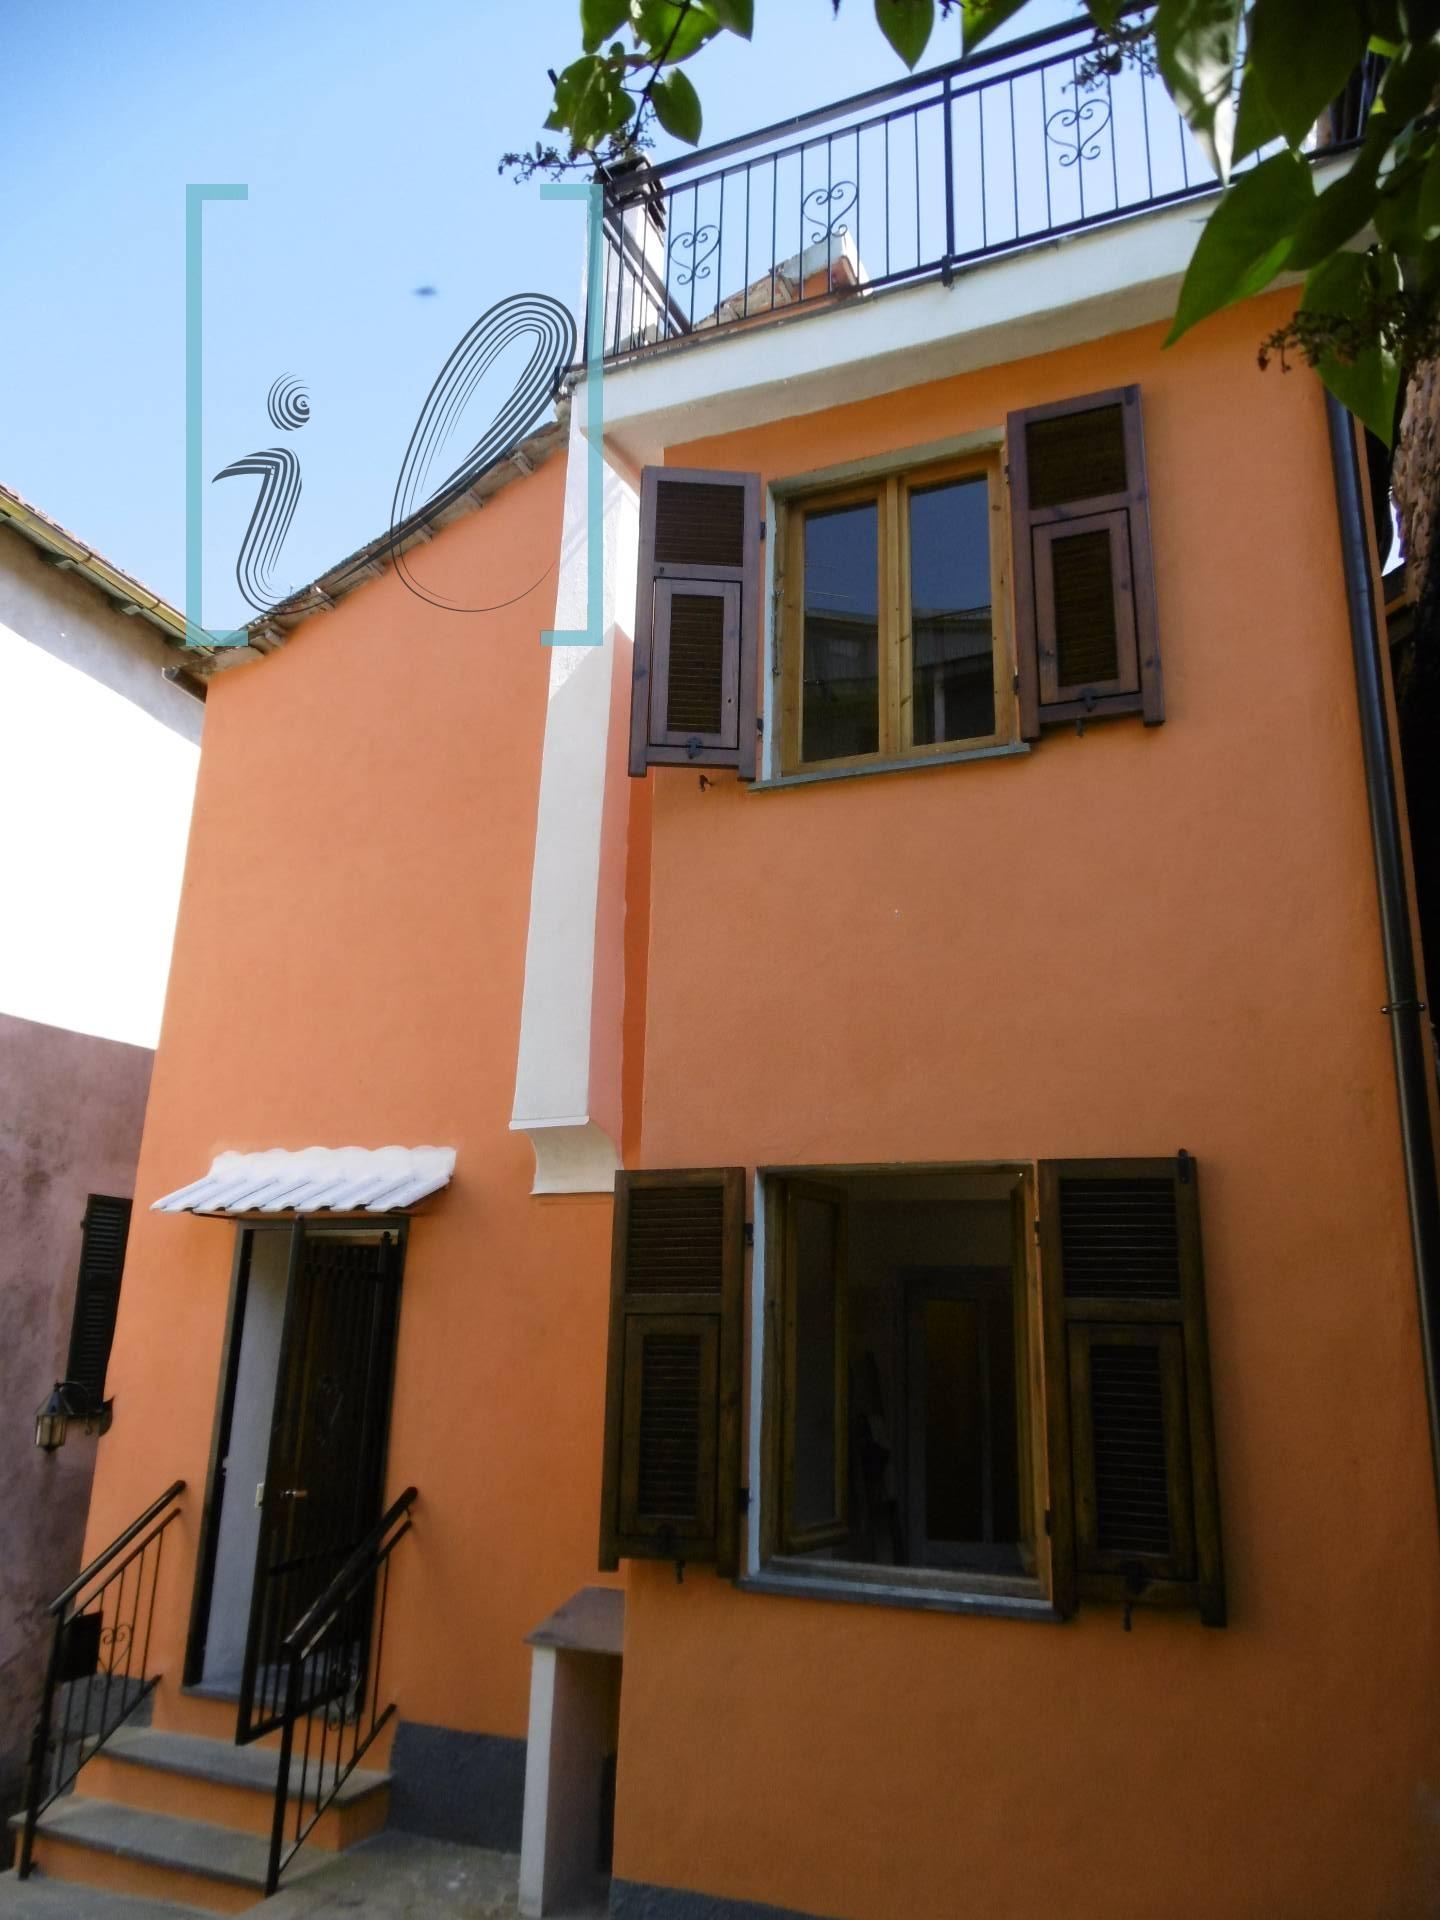 Rustico / Casale in vendita a Vessalico, 6 locali, prezzo € 78.000 | CambioCasa.it